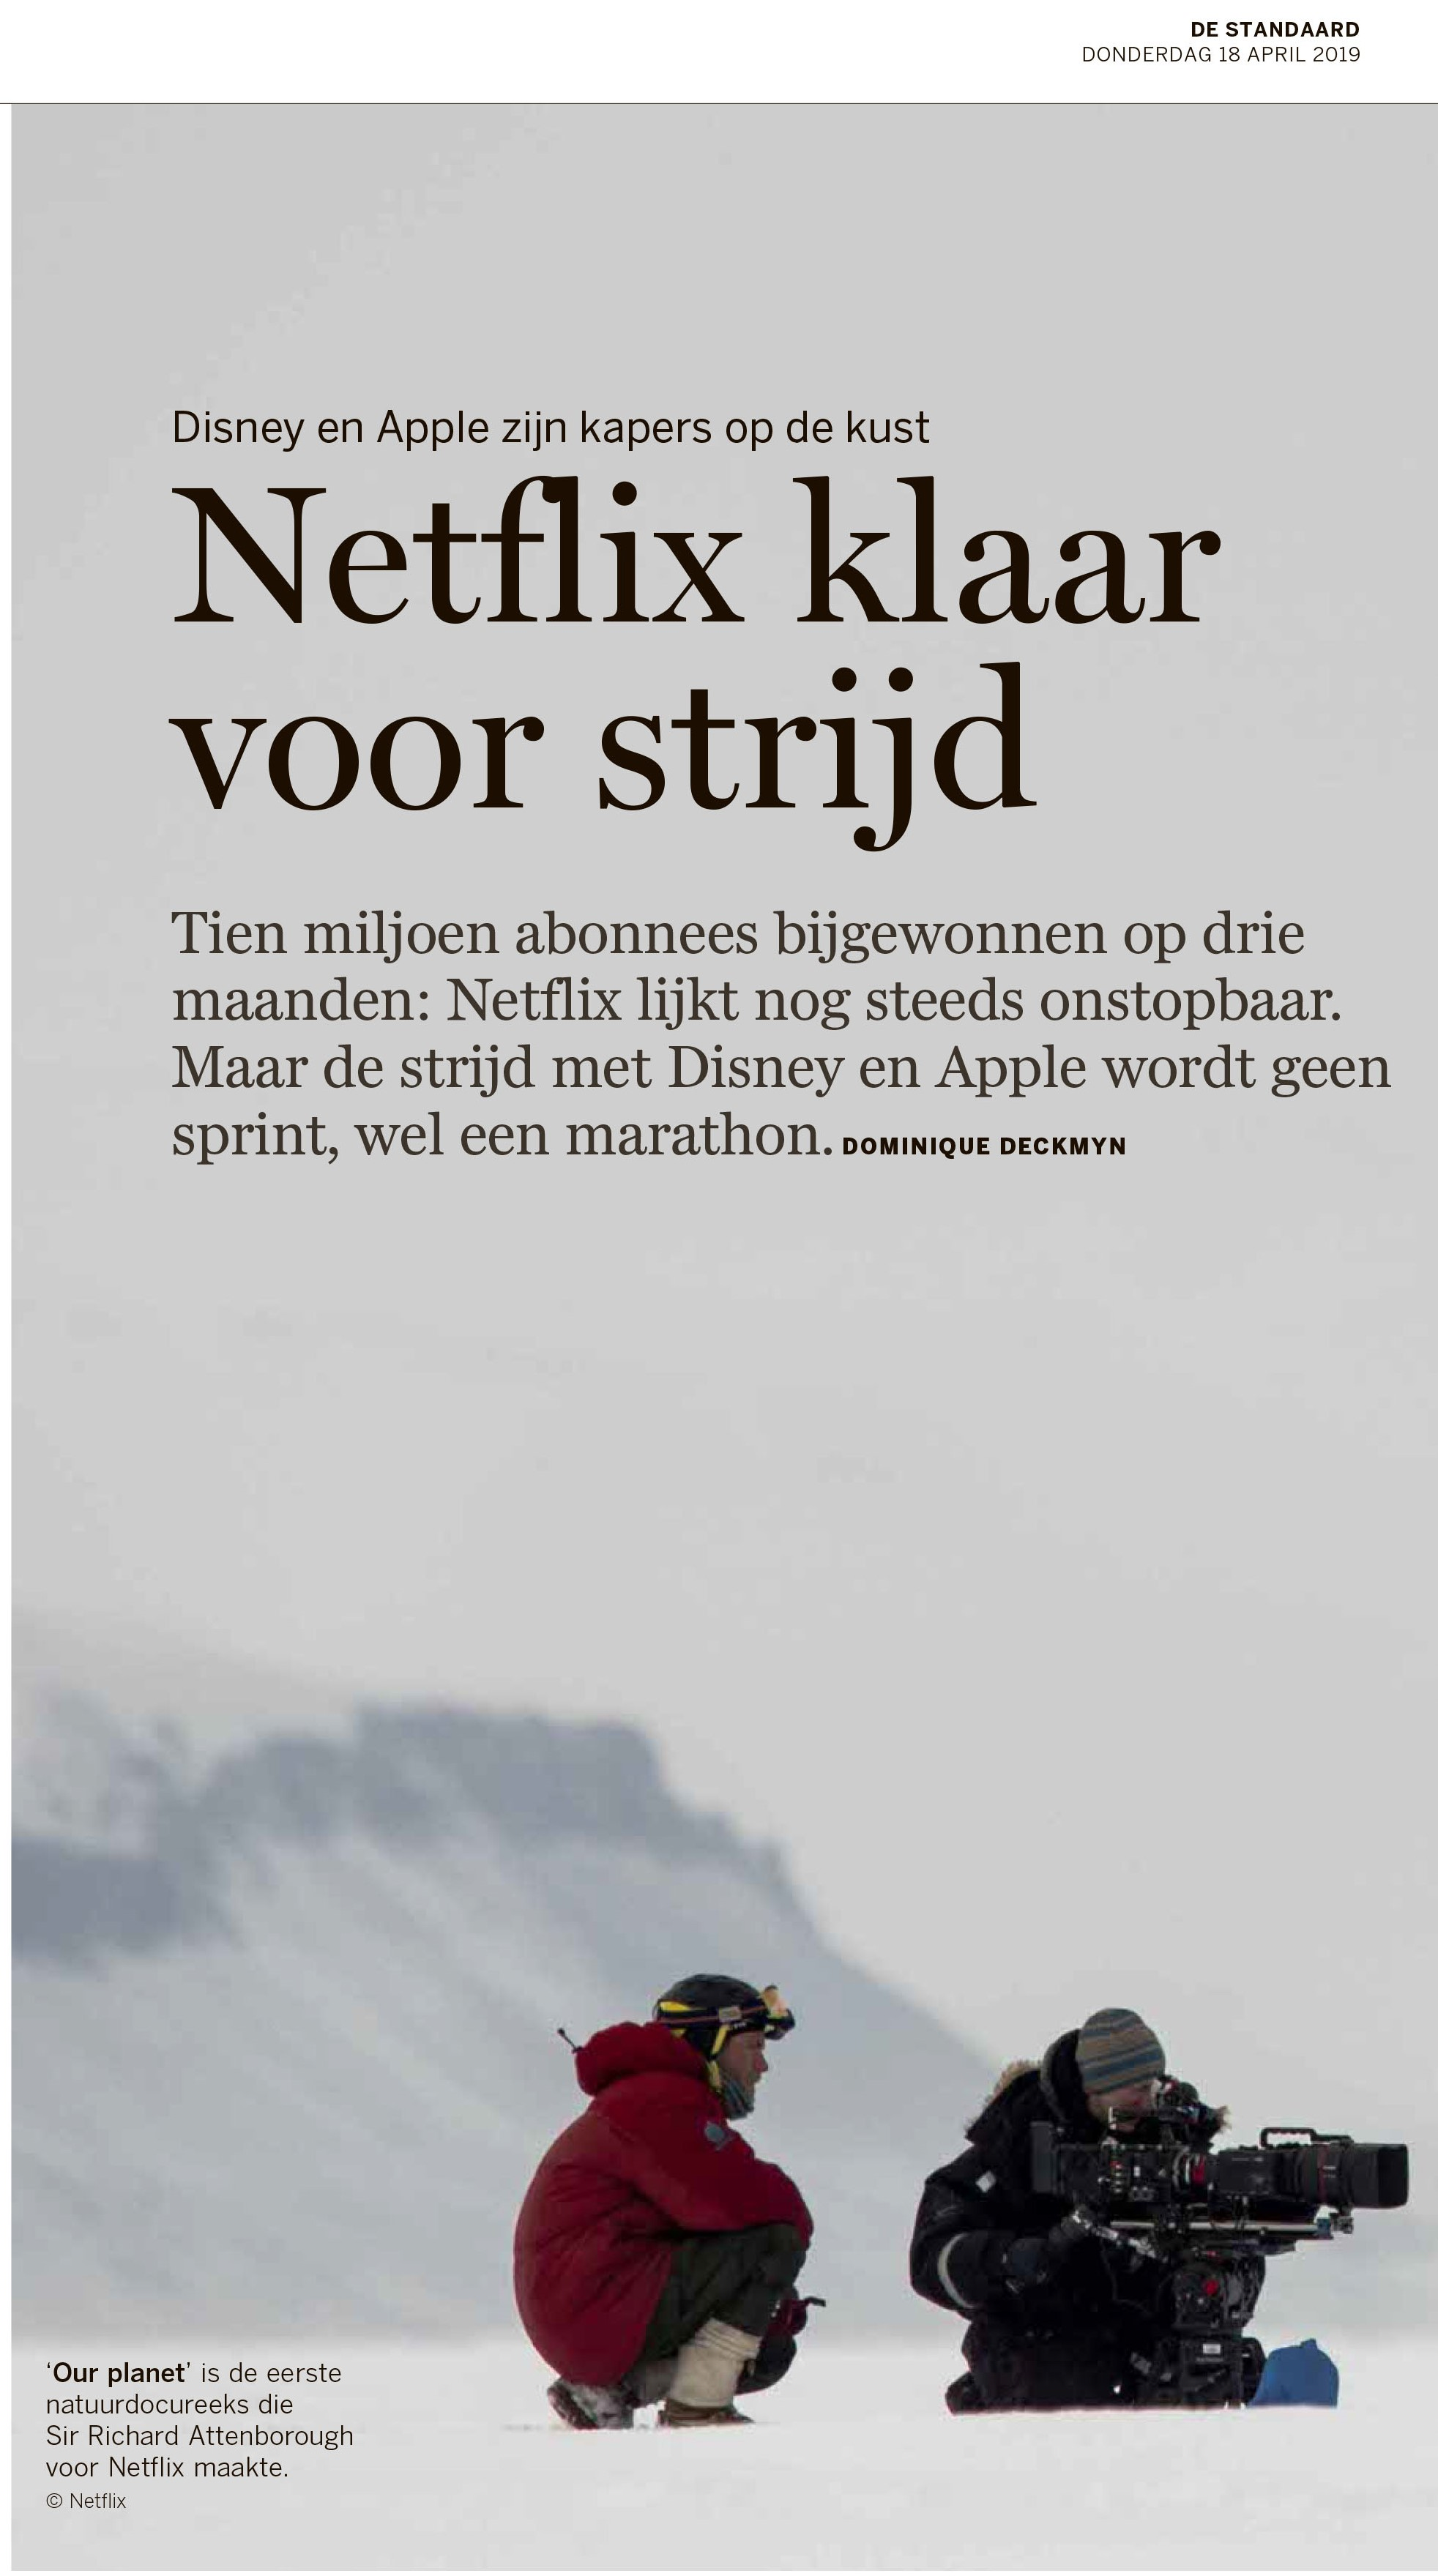 BRON: De Standaard, 18/04/2019, p. 2